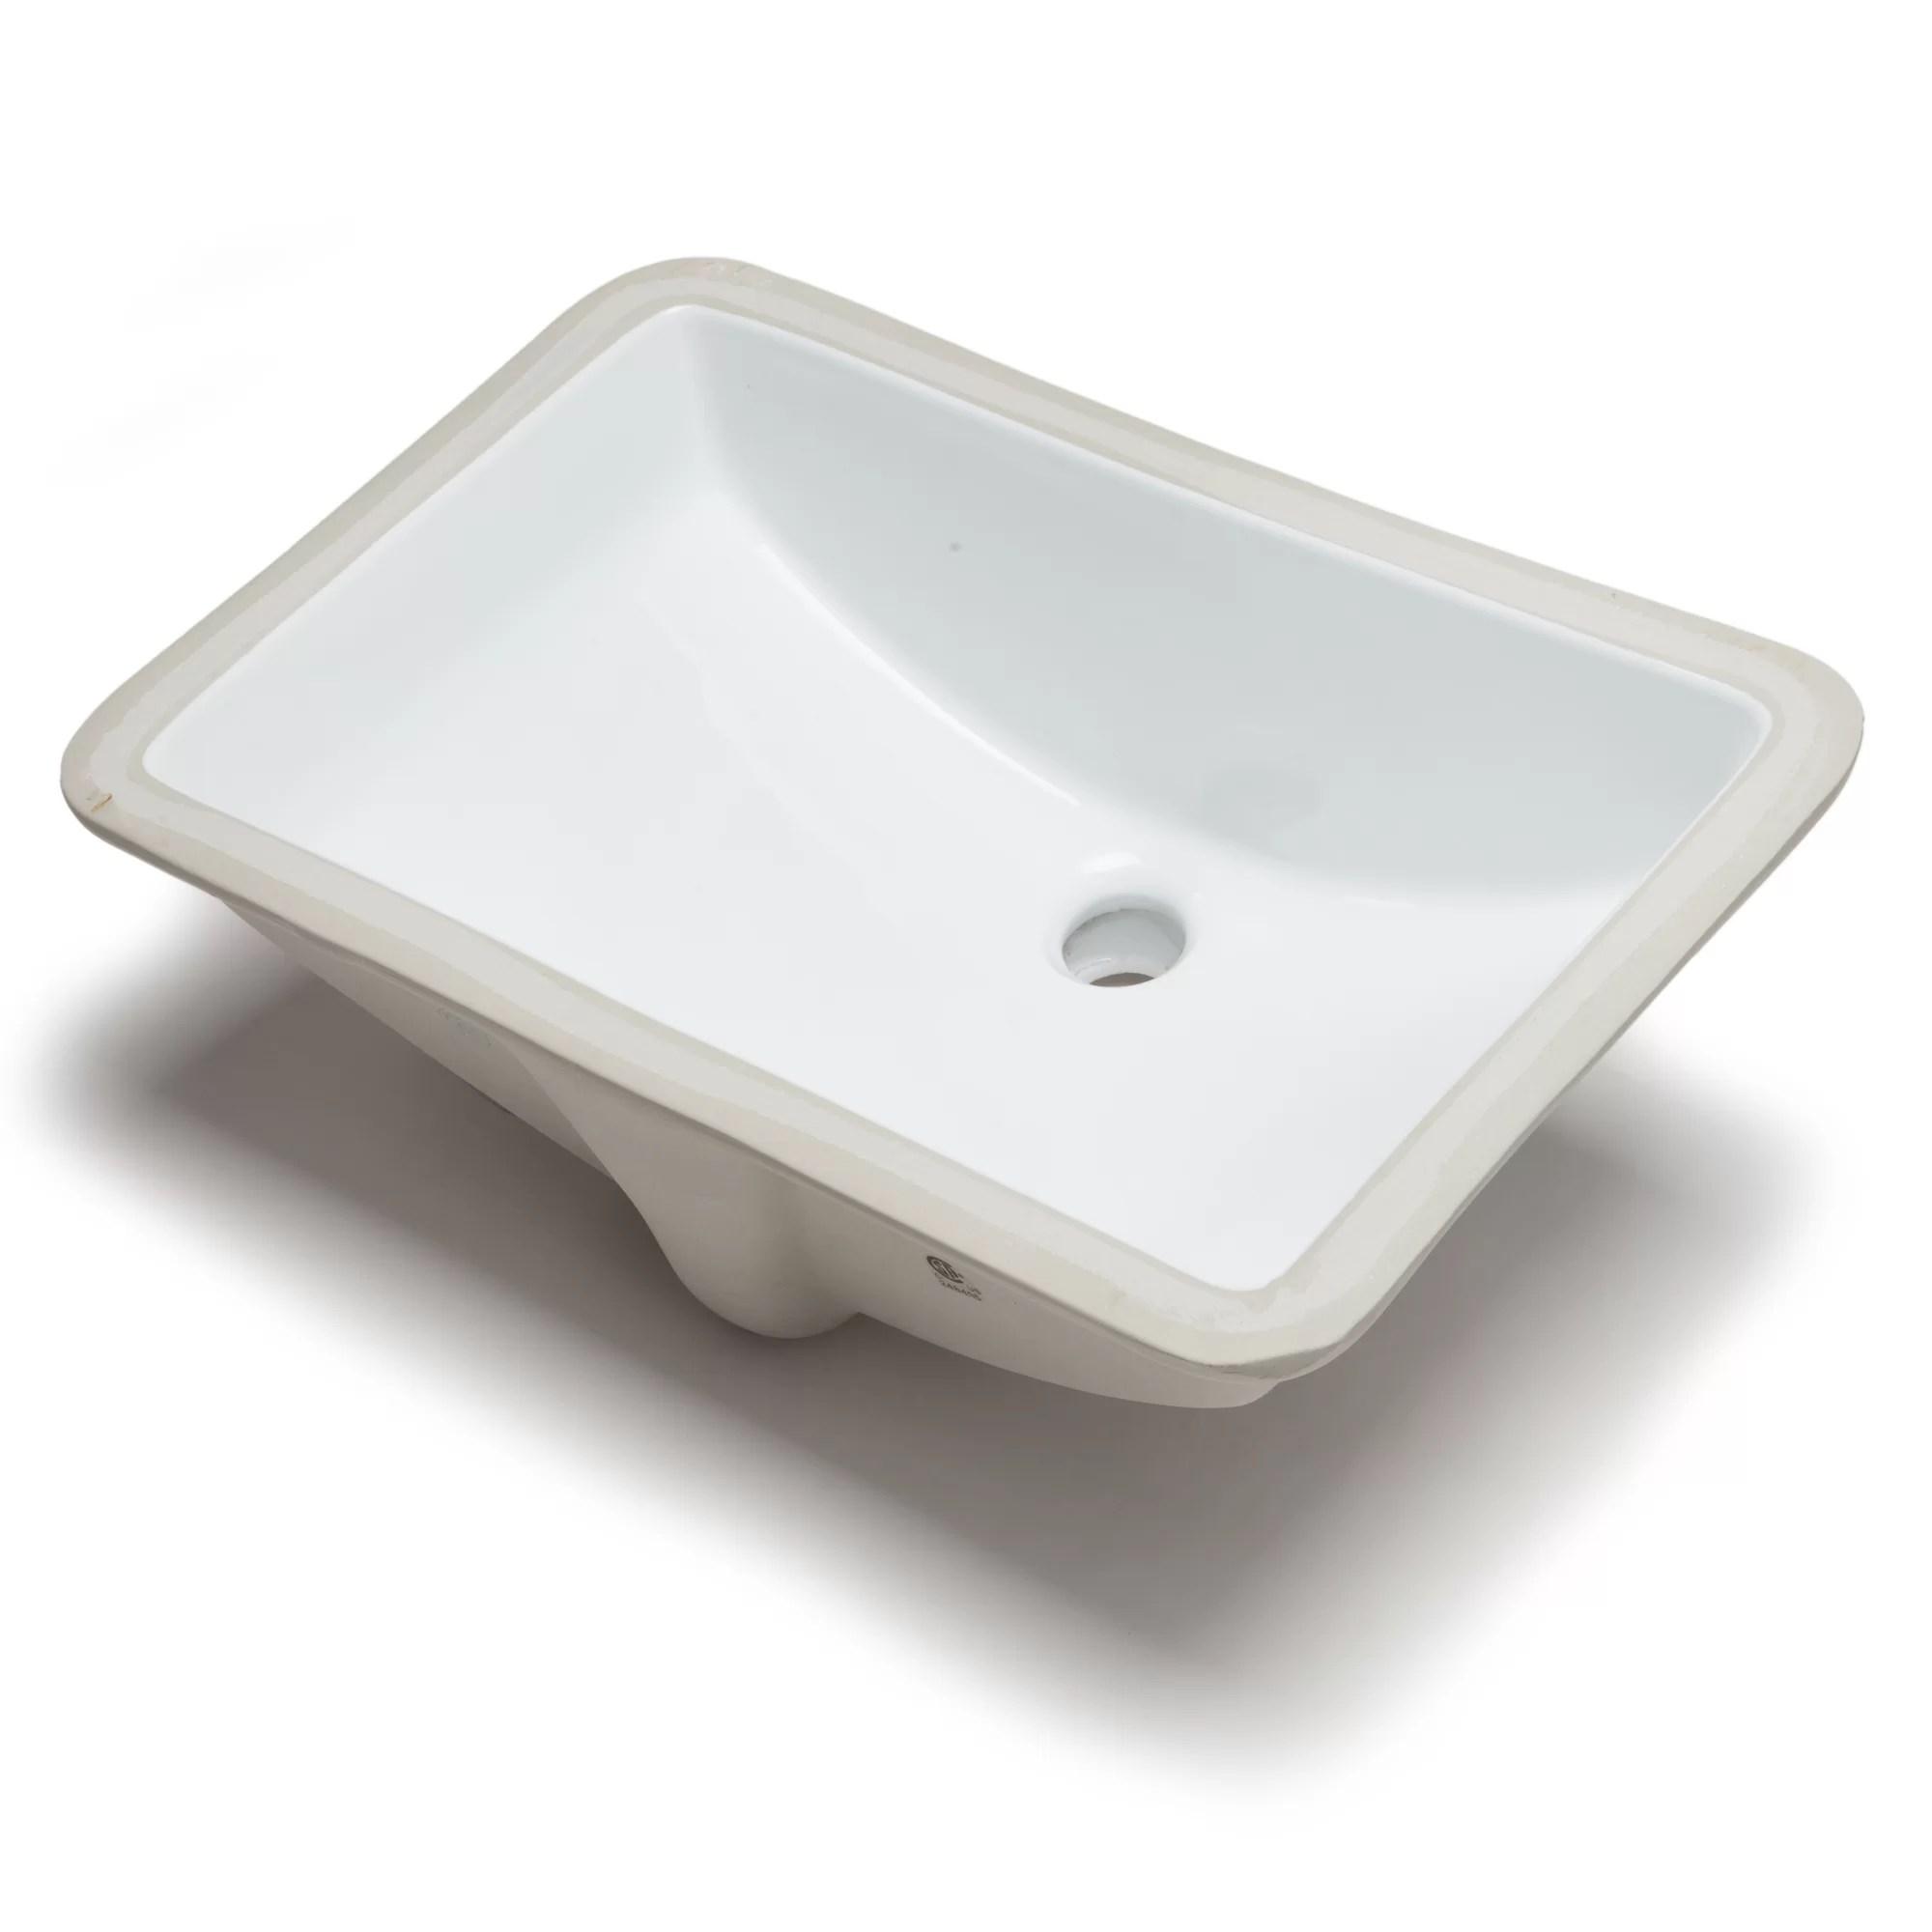 hahn kitchen sinks hutch cabinets ceramic bowl rectangular undermount bathroom sink ...